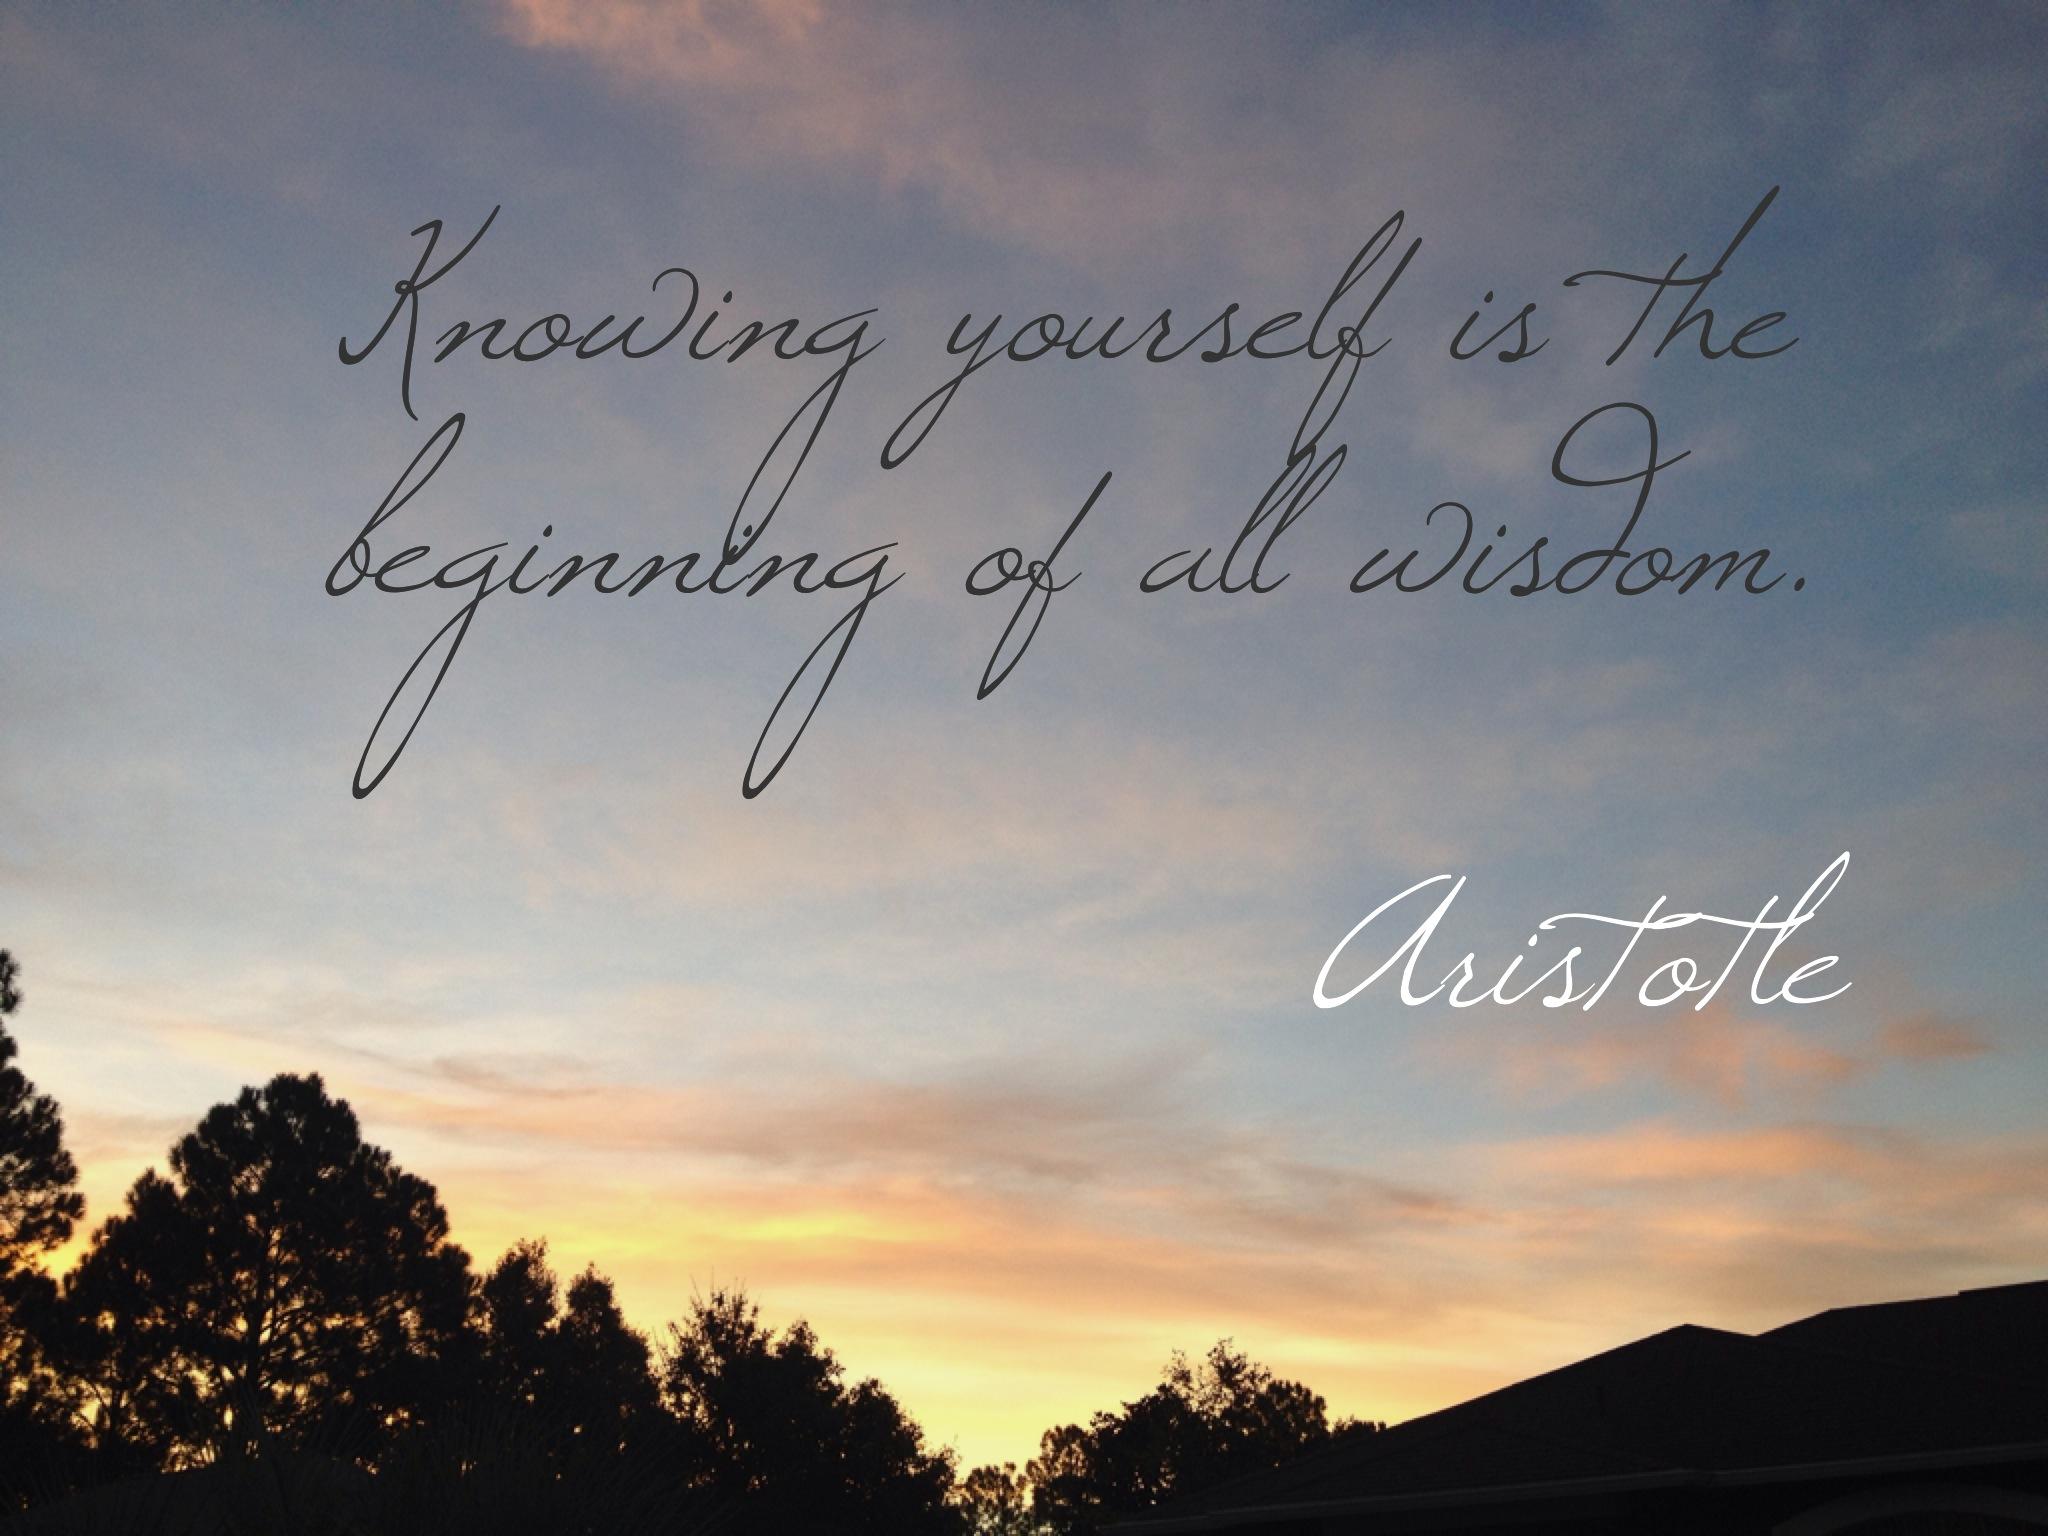 Wisdom Quotes Aristotle Quotesgram: Aristotle Quotes Knowing. QuotesGram